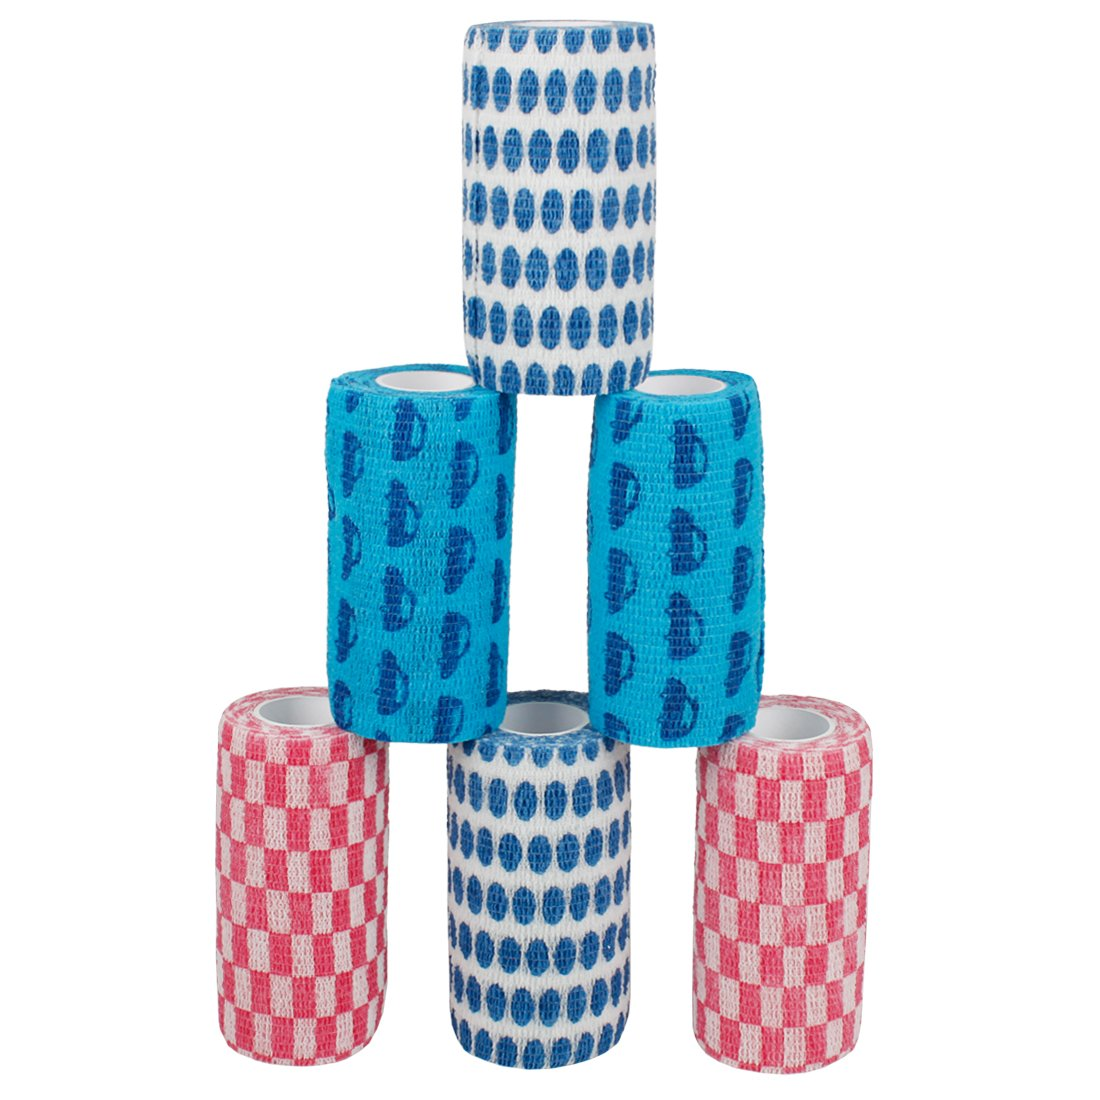 Rollos adhesivos para vendaje Andux Zone, 6rollos autoadhesivos, para vendajes elásticos y cohesivos, con huellas ZZTXBD-02, estampado y color aleatorios